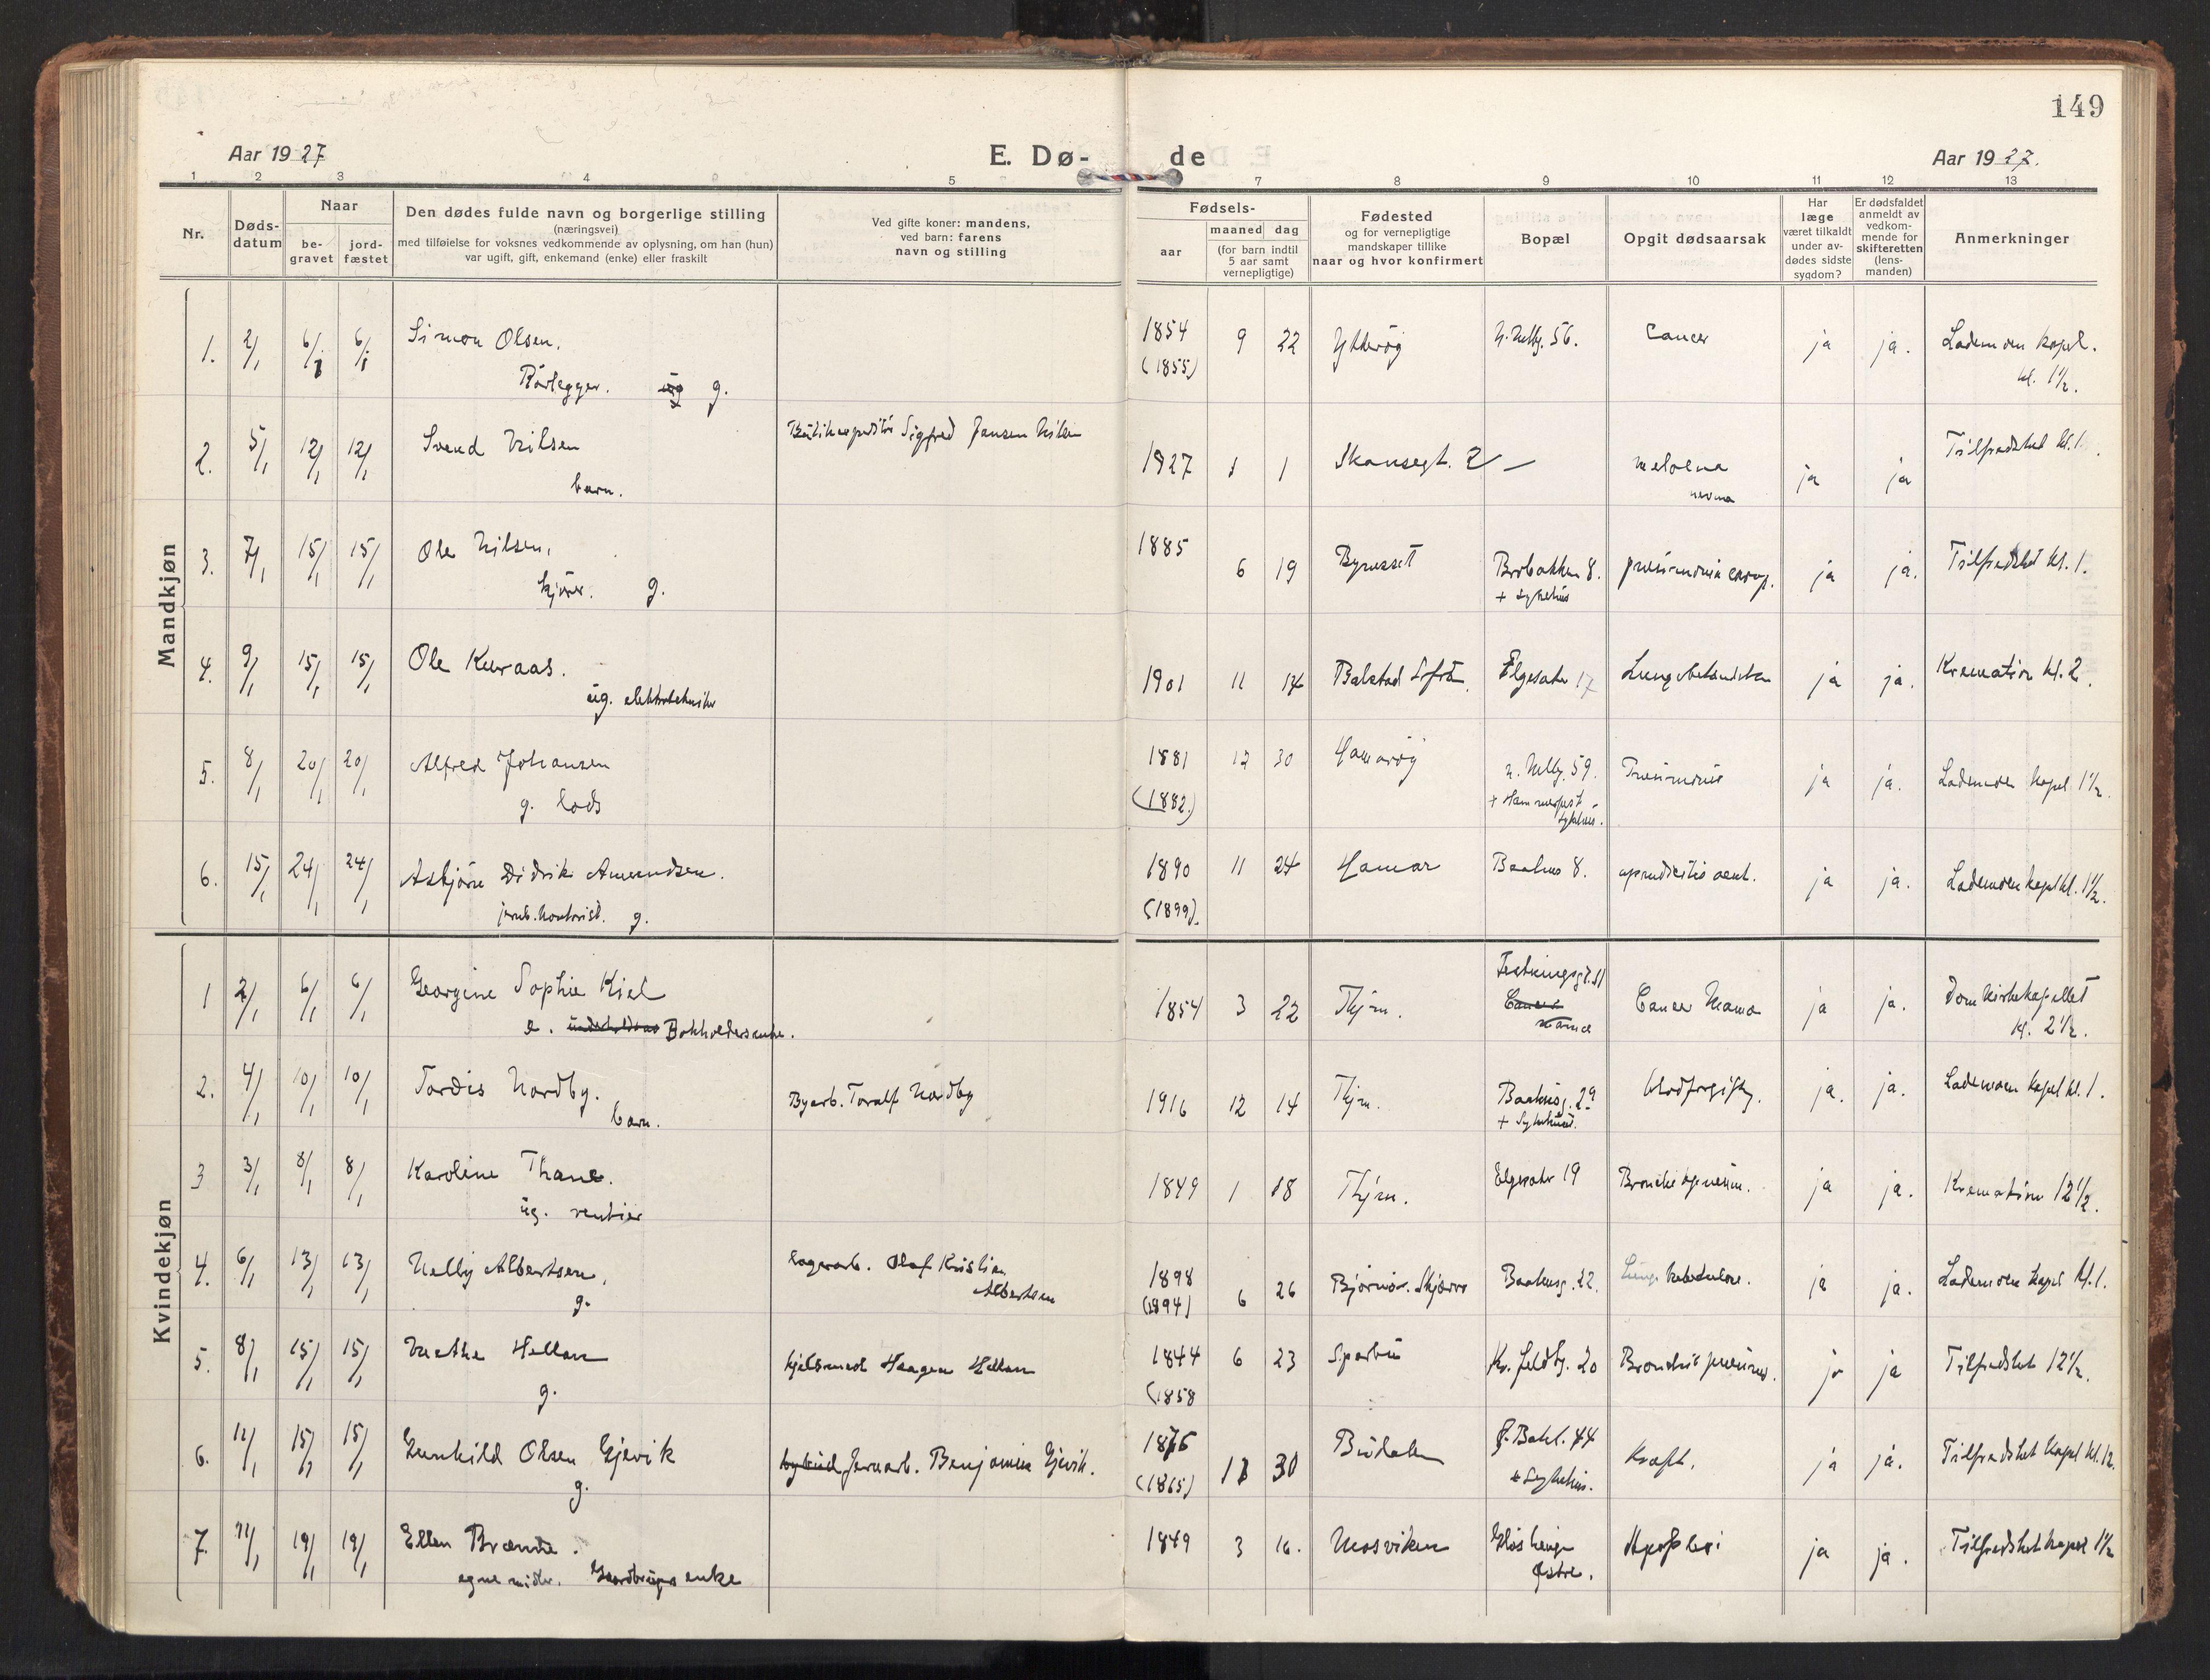 SAT, Ministerialprotokoller, klokkerbøker og fødselsregistre - Sør-Trøndelag, 604/L0207: Ministerialbok nr. 604A27, 1917-1933, s. 149